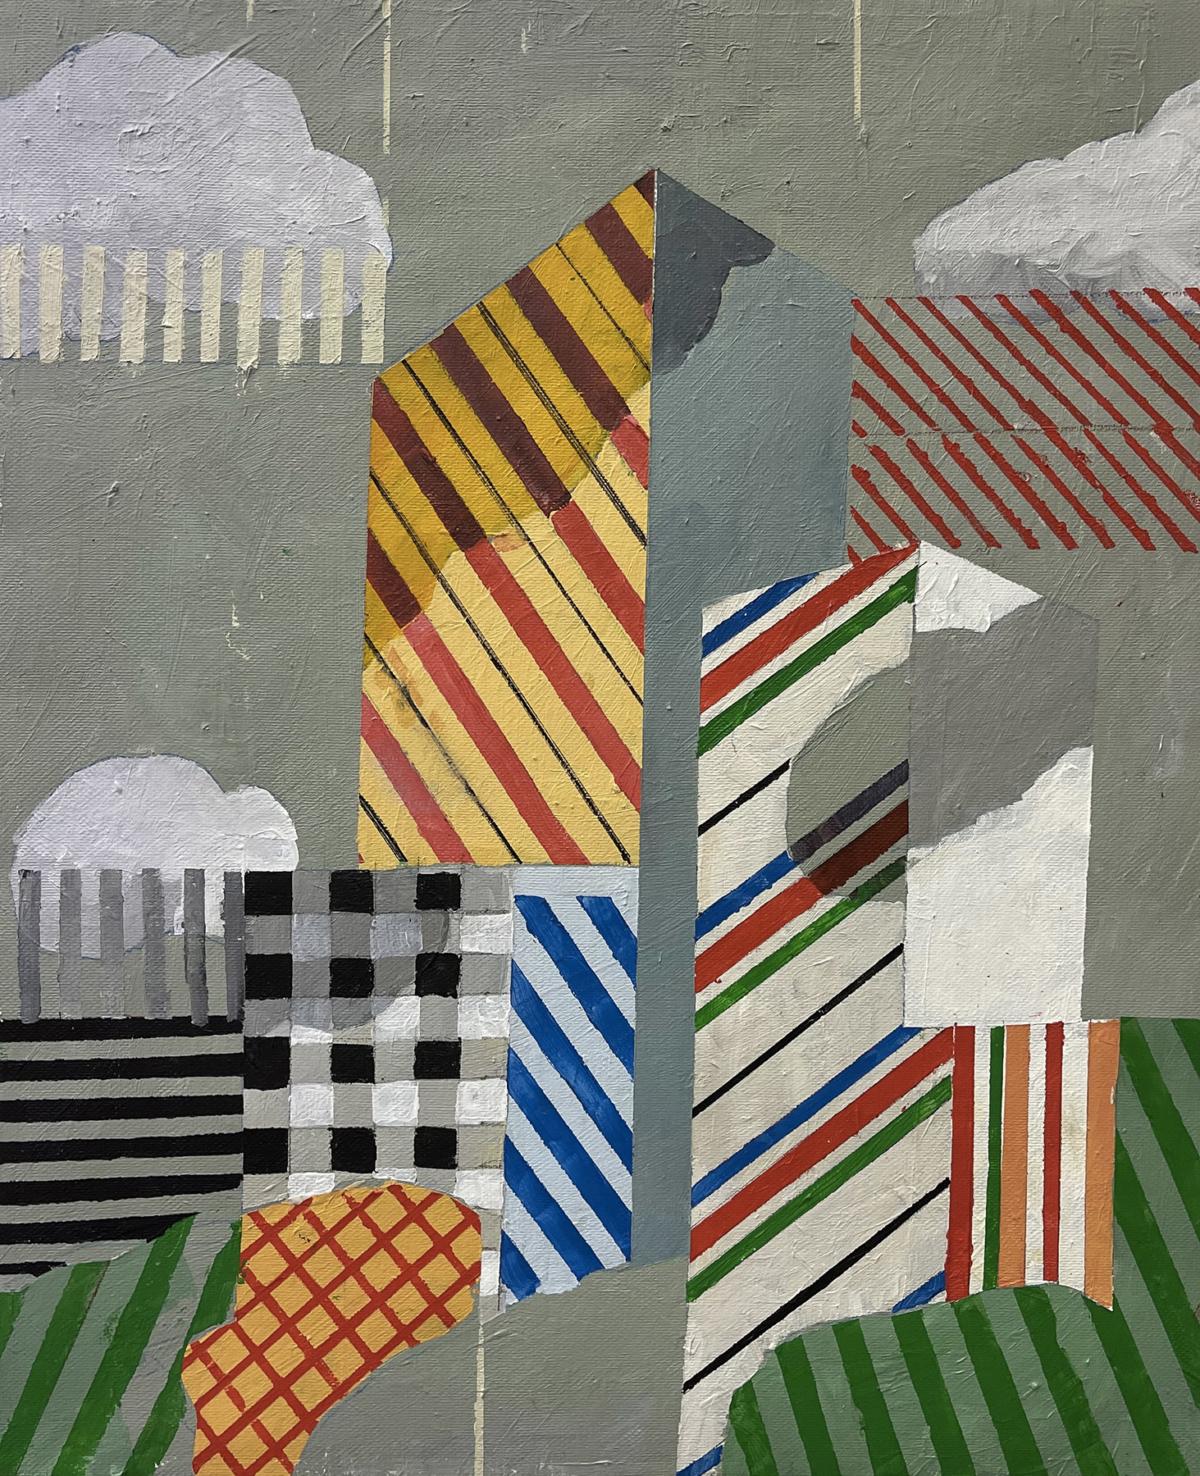 Untitled #106, 2020 peinture acrylique sur toile 46 x 38 cm DT21-053 ©Dean Tavoularis